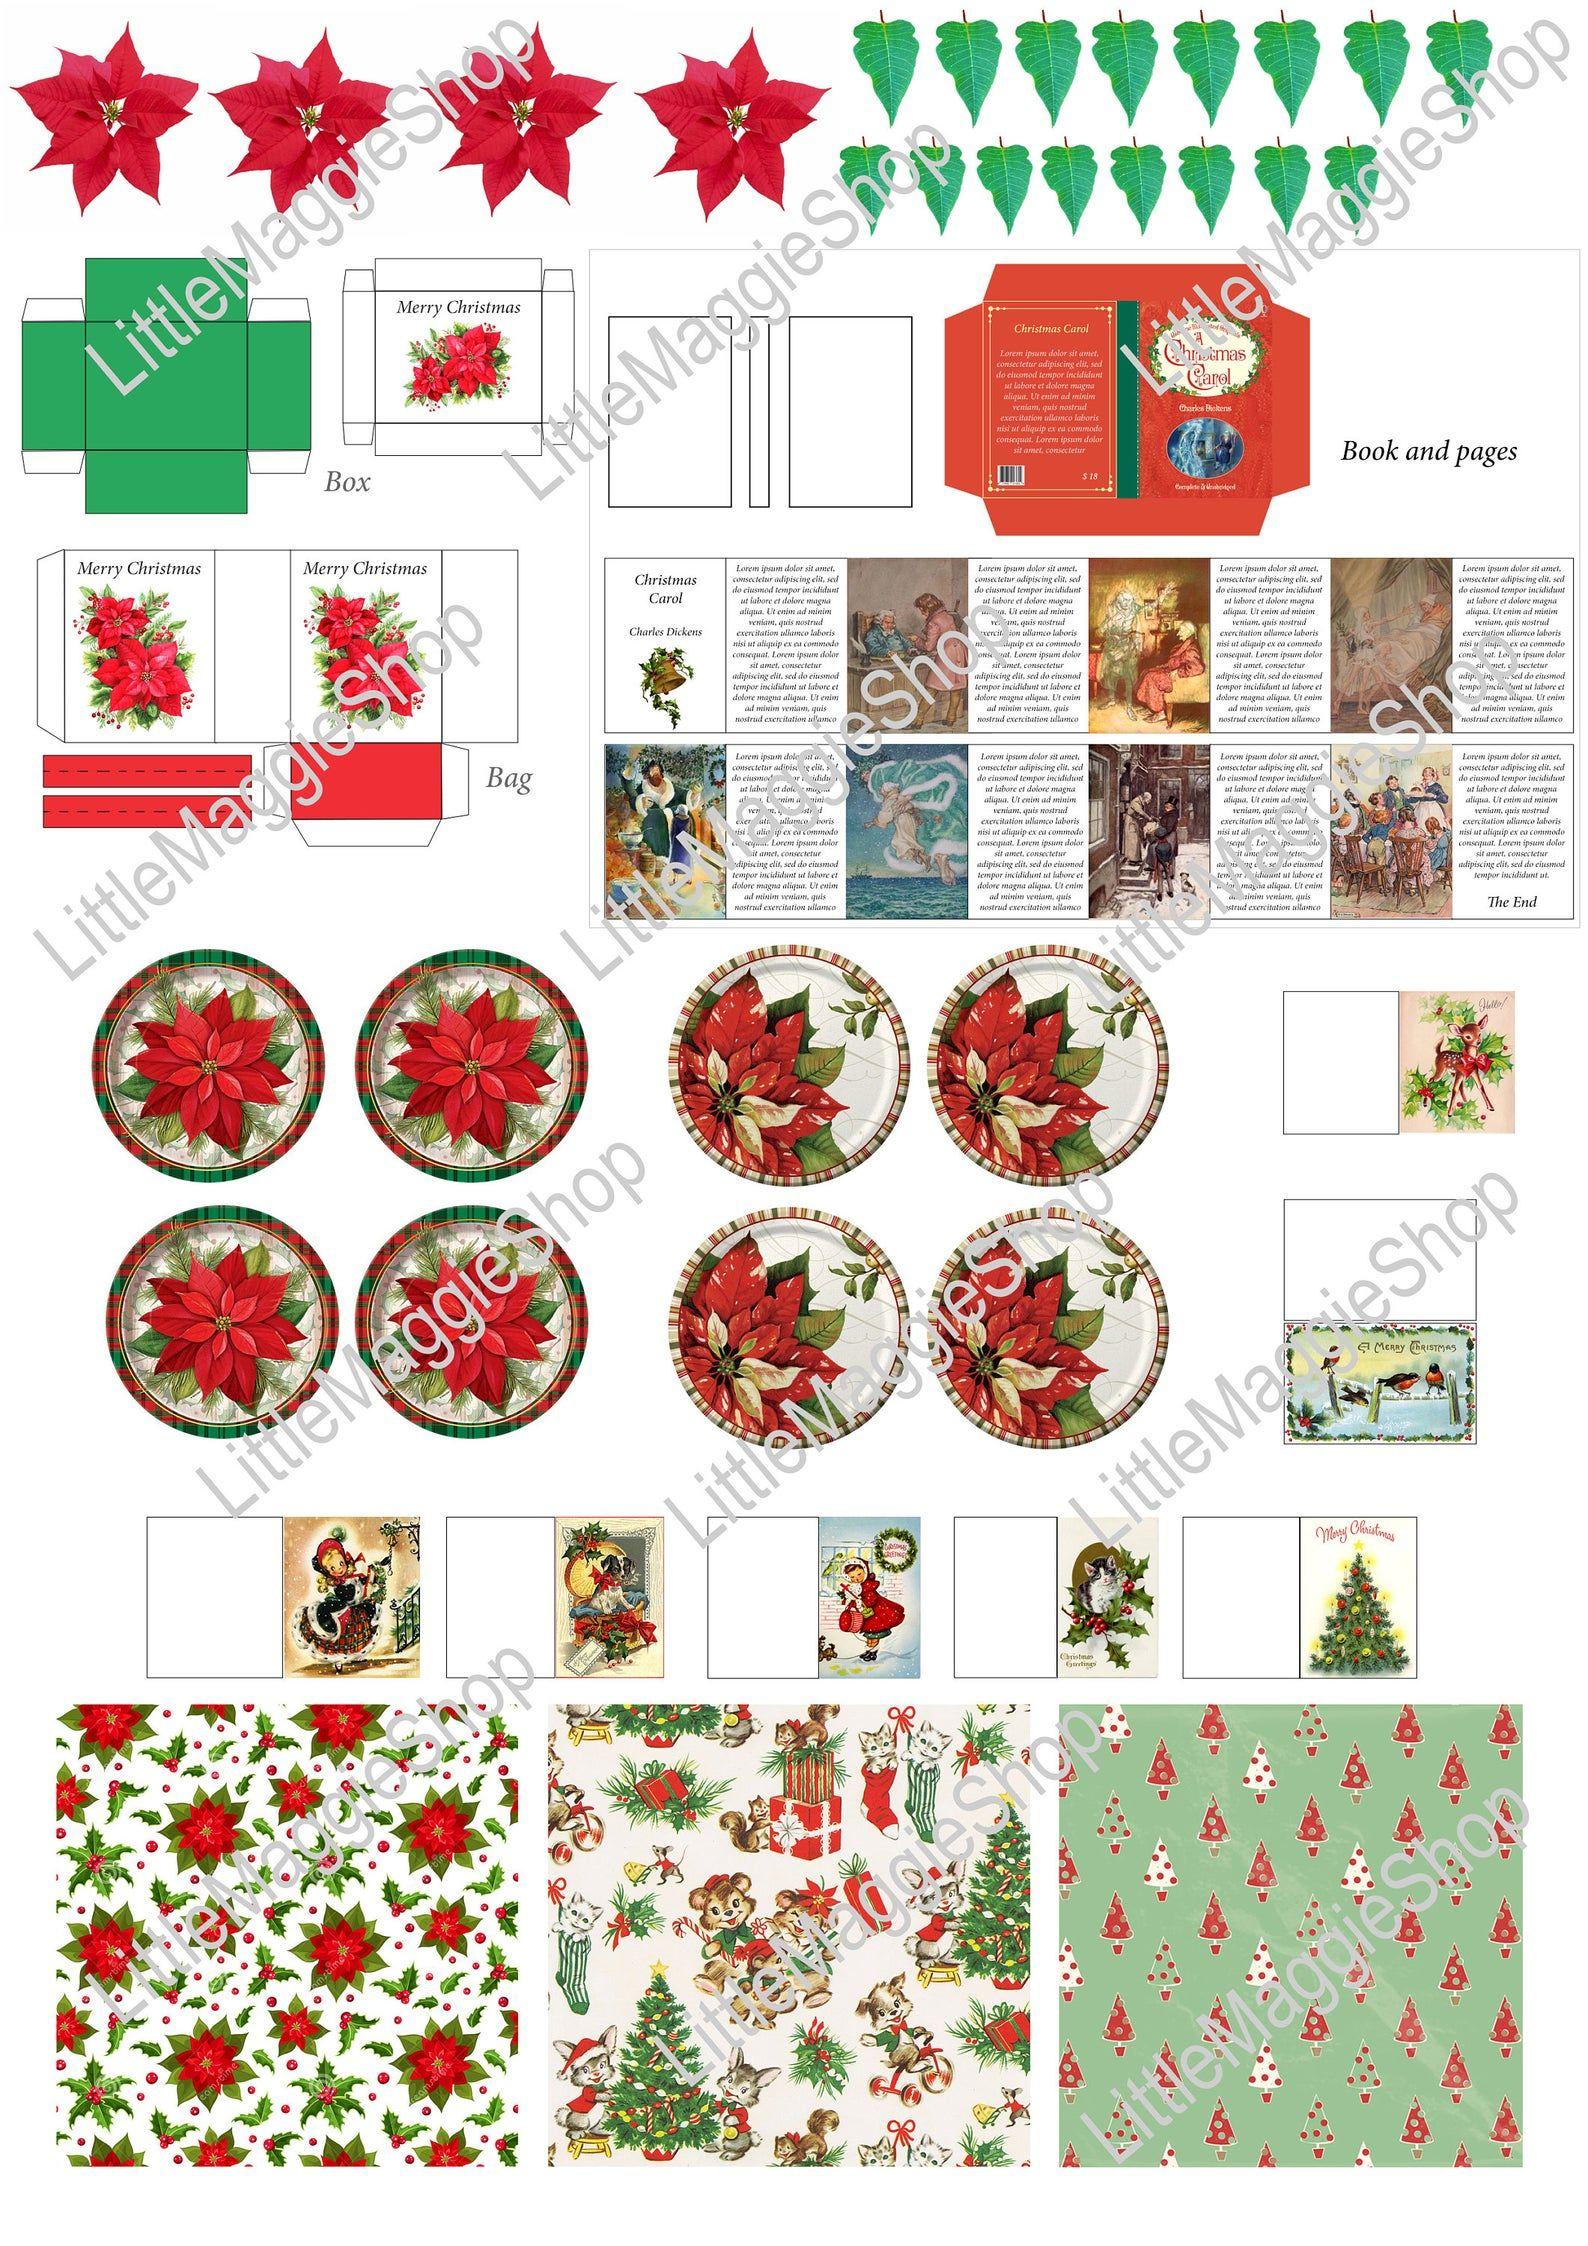 Printable Christmas Template Plates, Book, Greeting